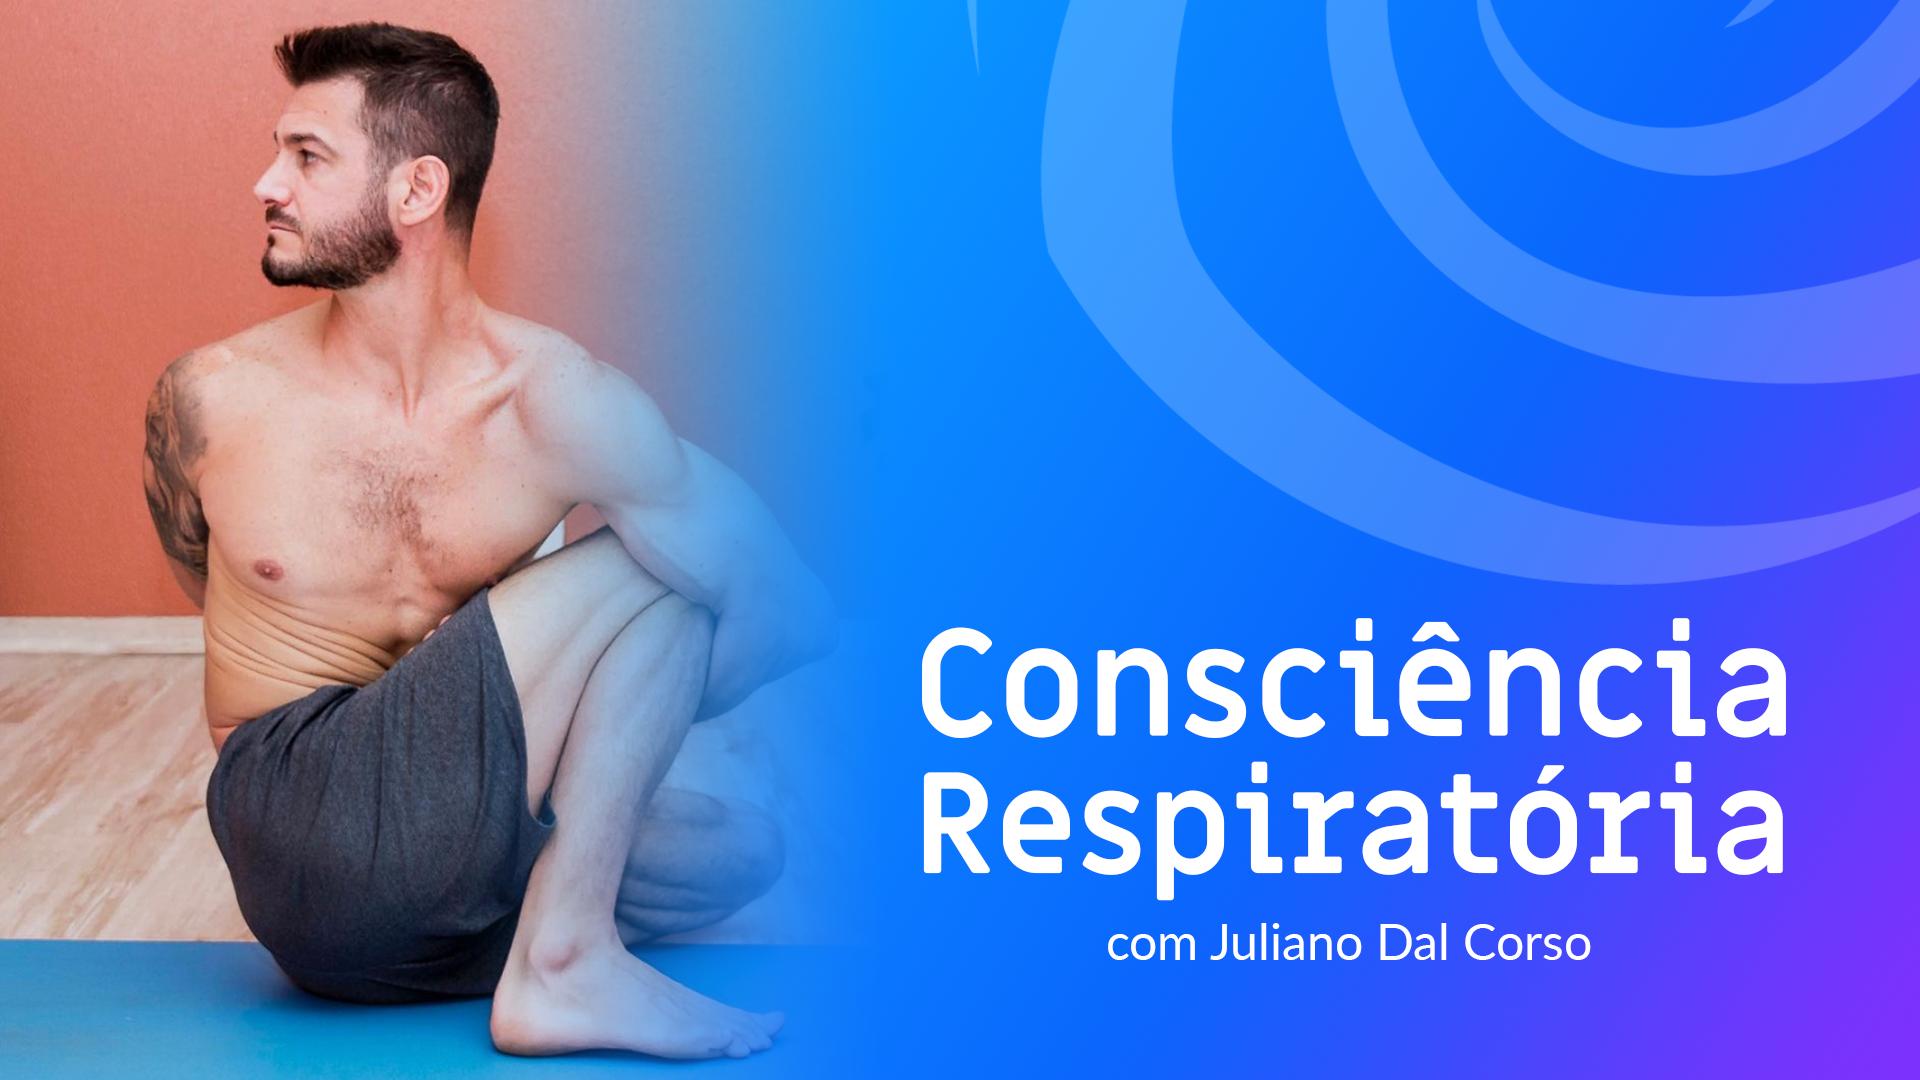 COnsciência Respiratória